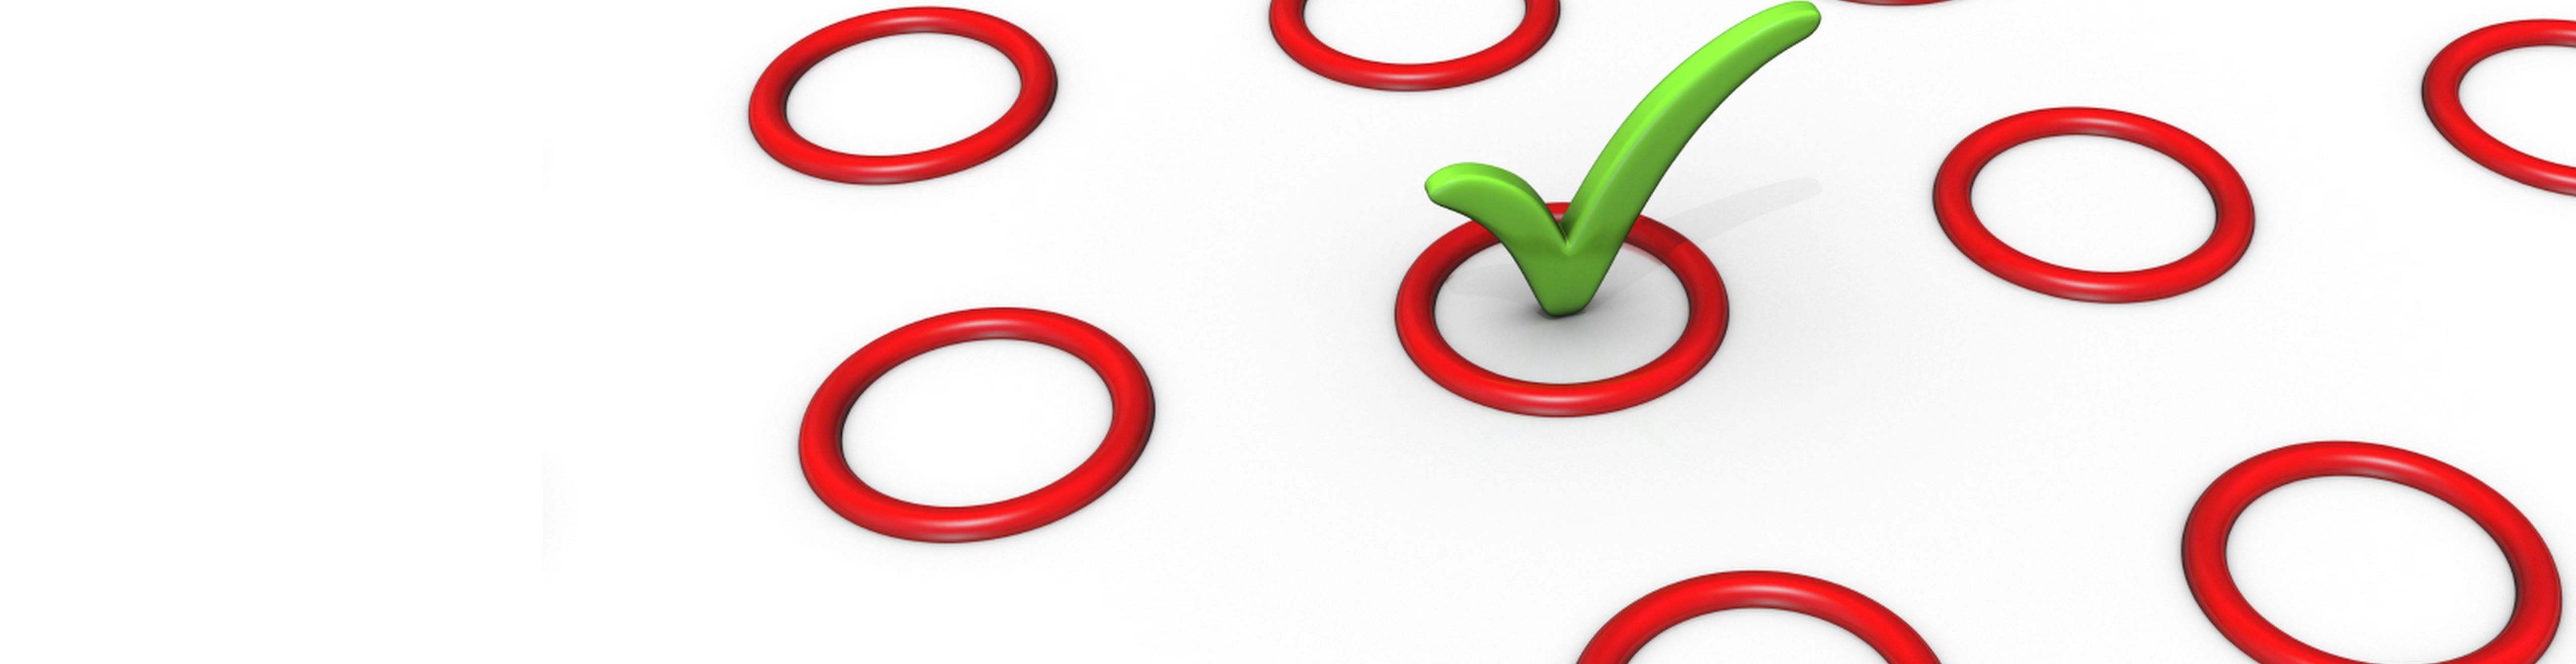 sozialforschung-online | Informationen für Unternehmen